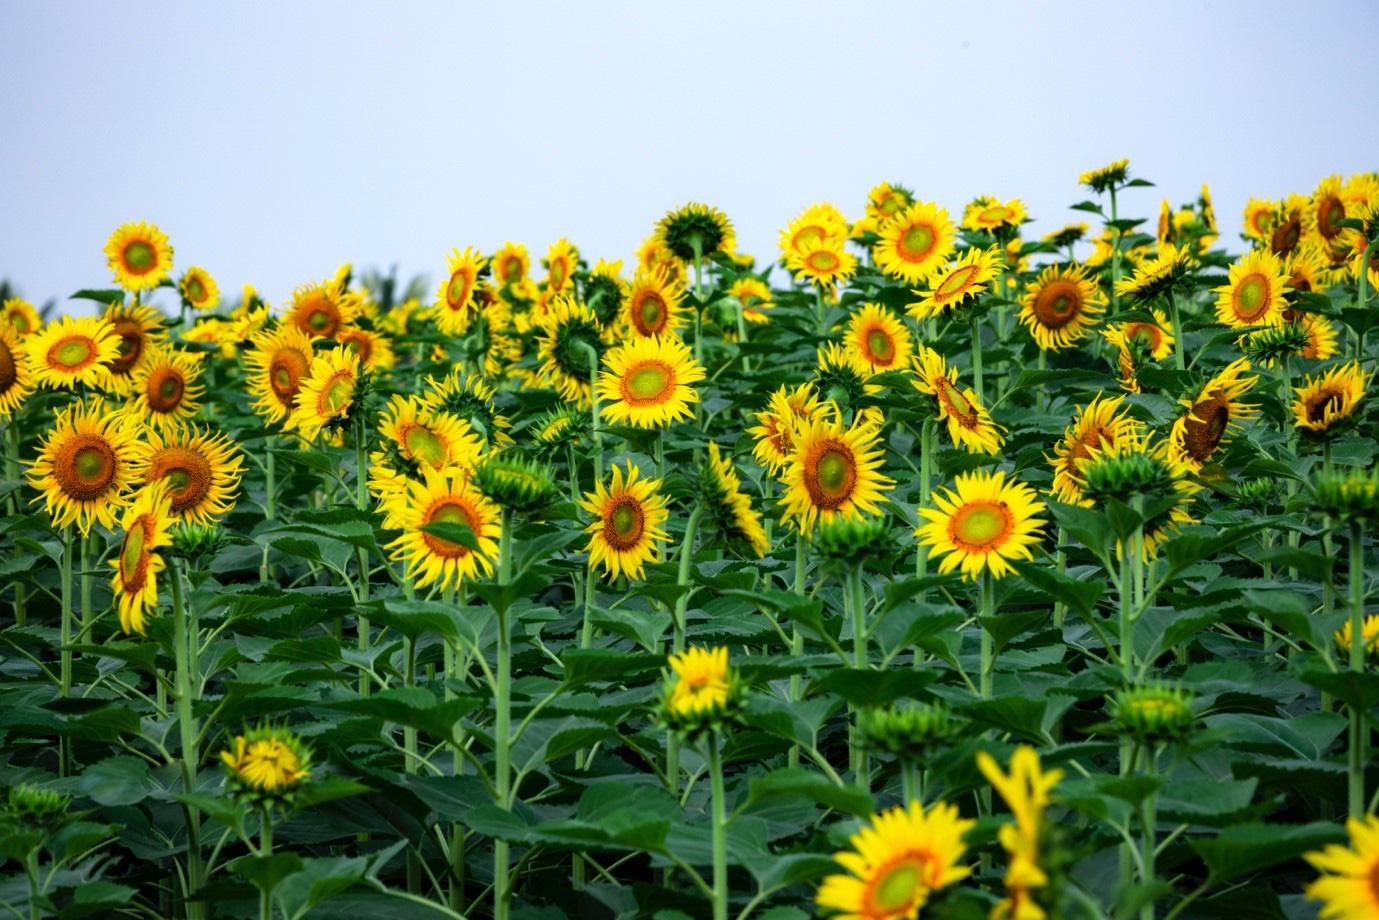 Đồi hoa mặt trời Ecopark khoe sắc đón thu sang - Ảnh 21.